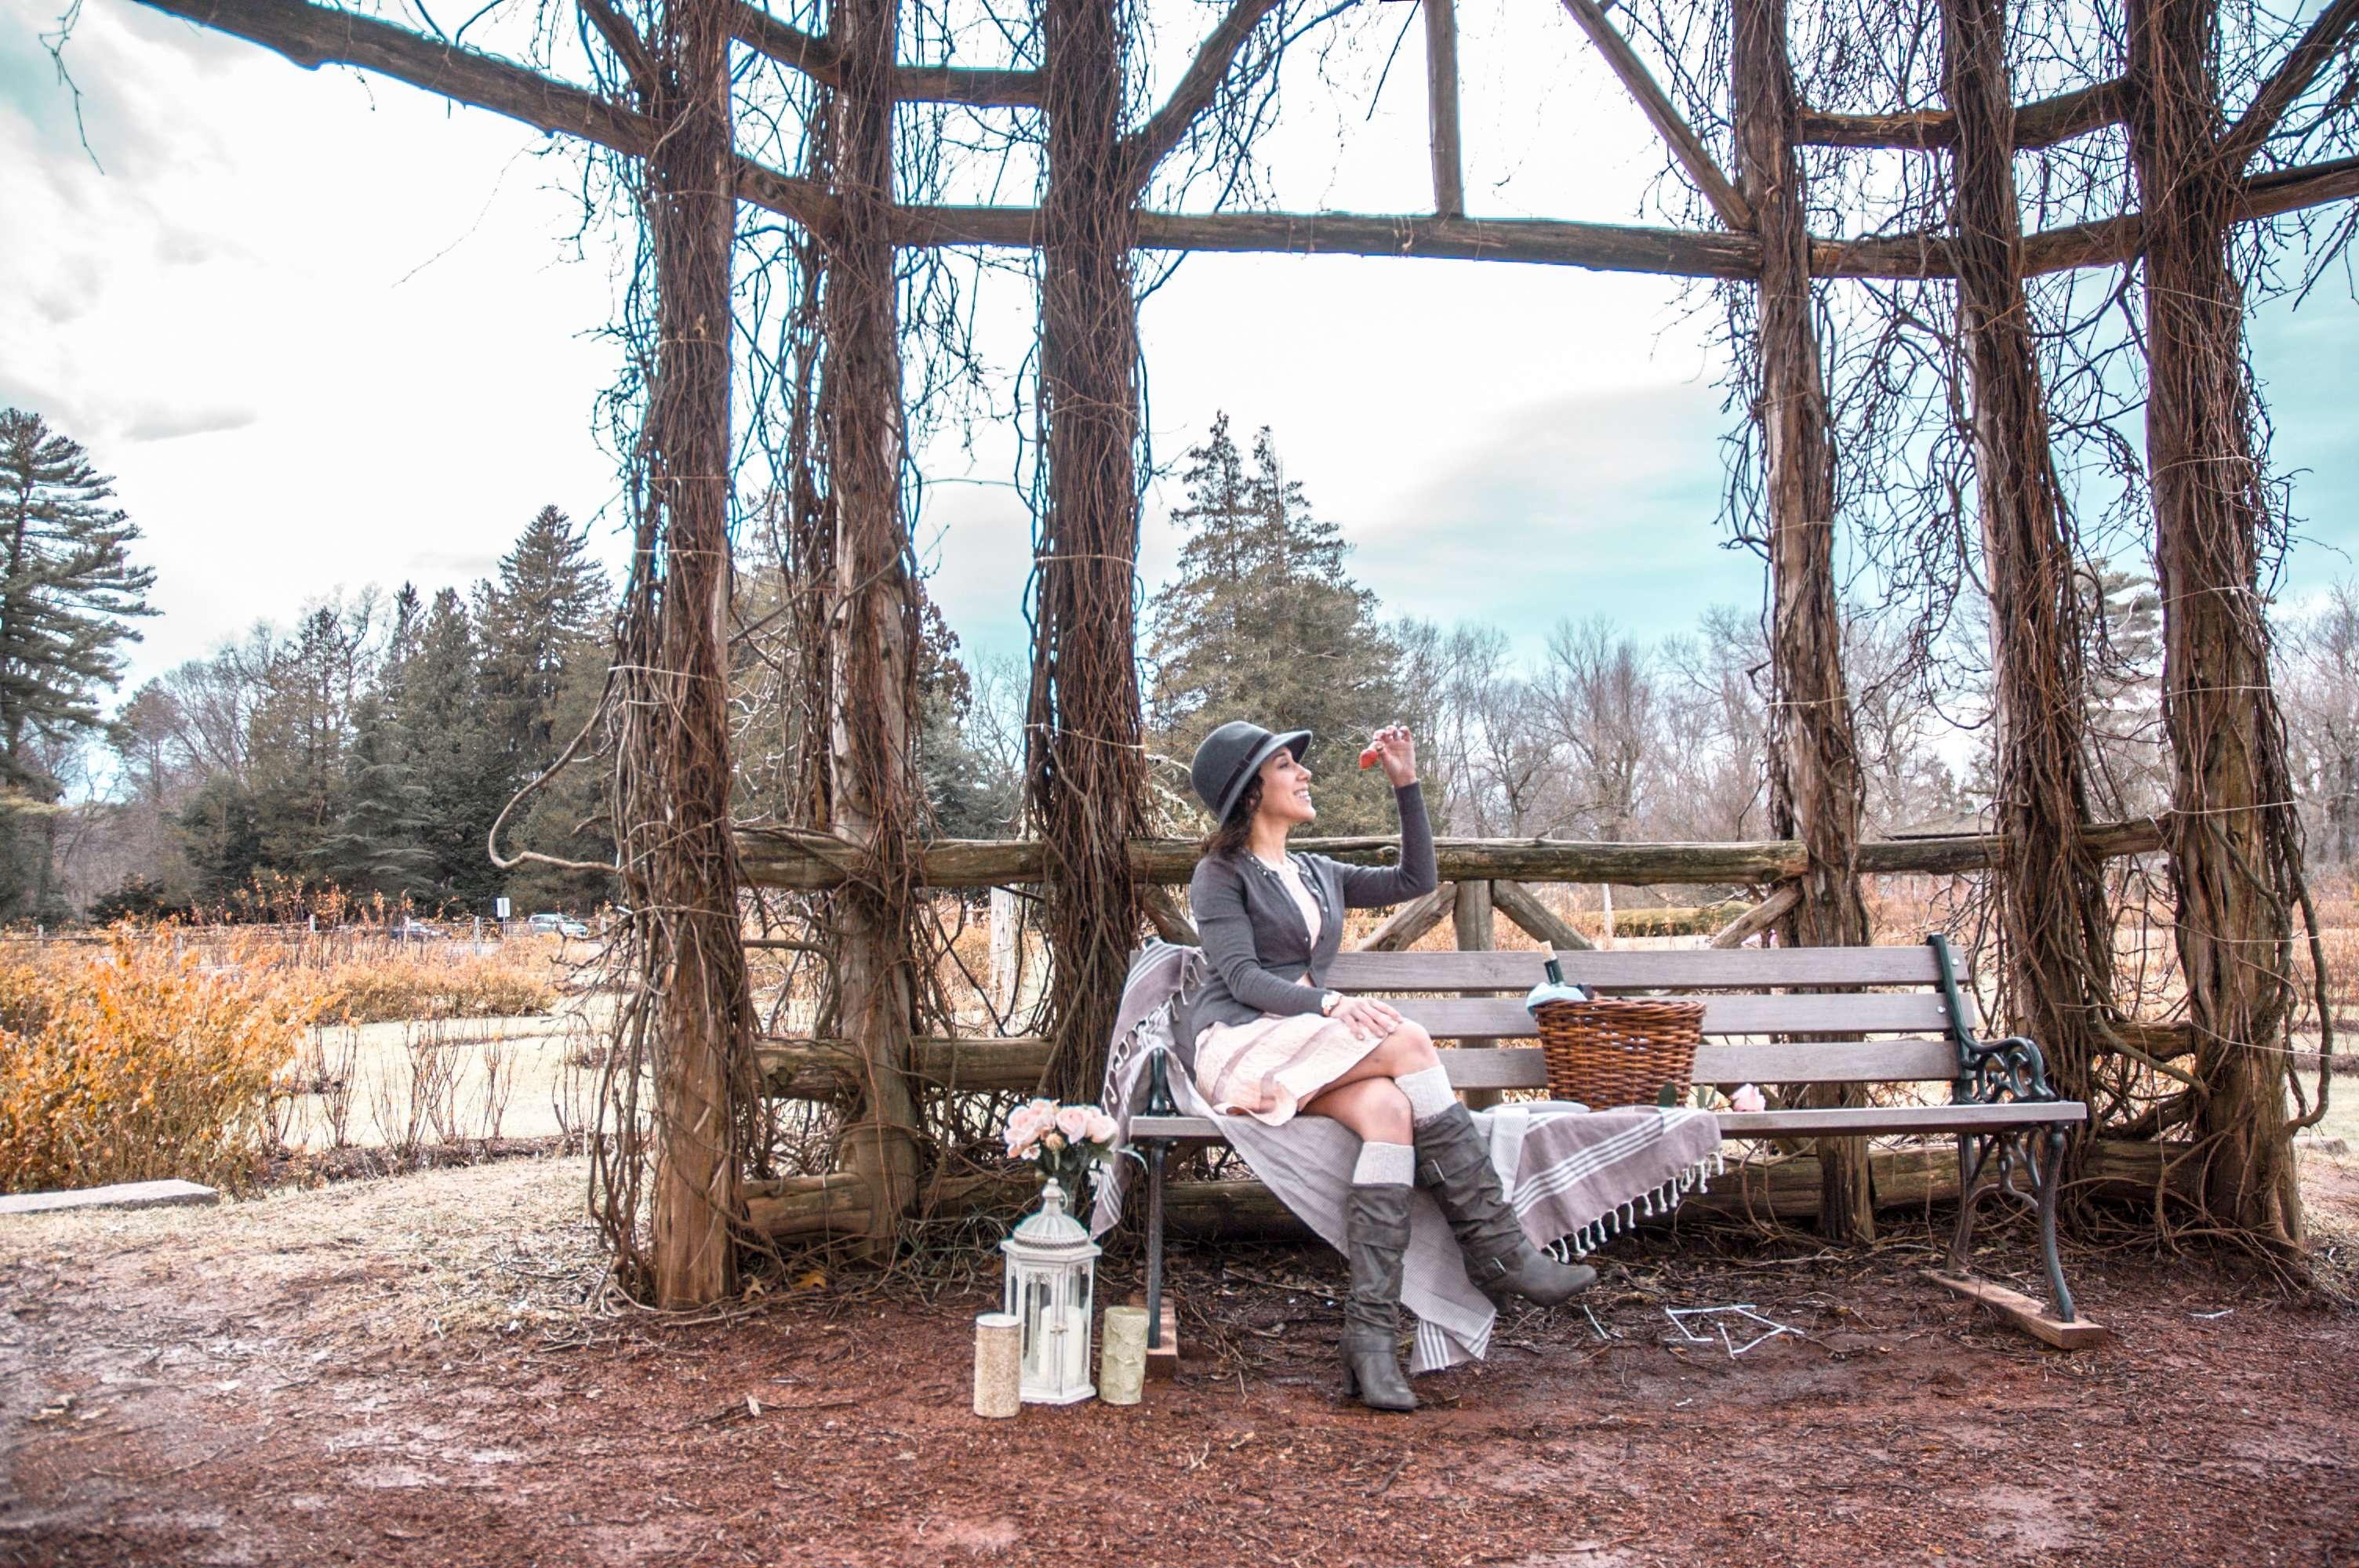 Picnic at Elizabeth Park Rose Garden in Hartford